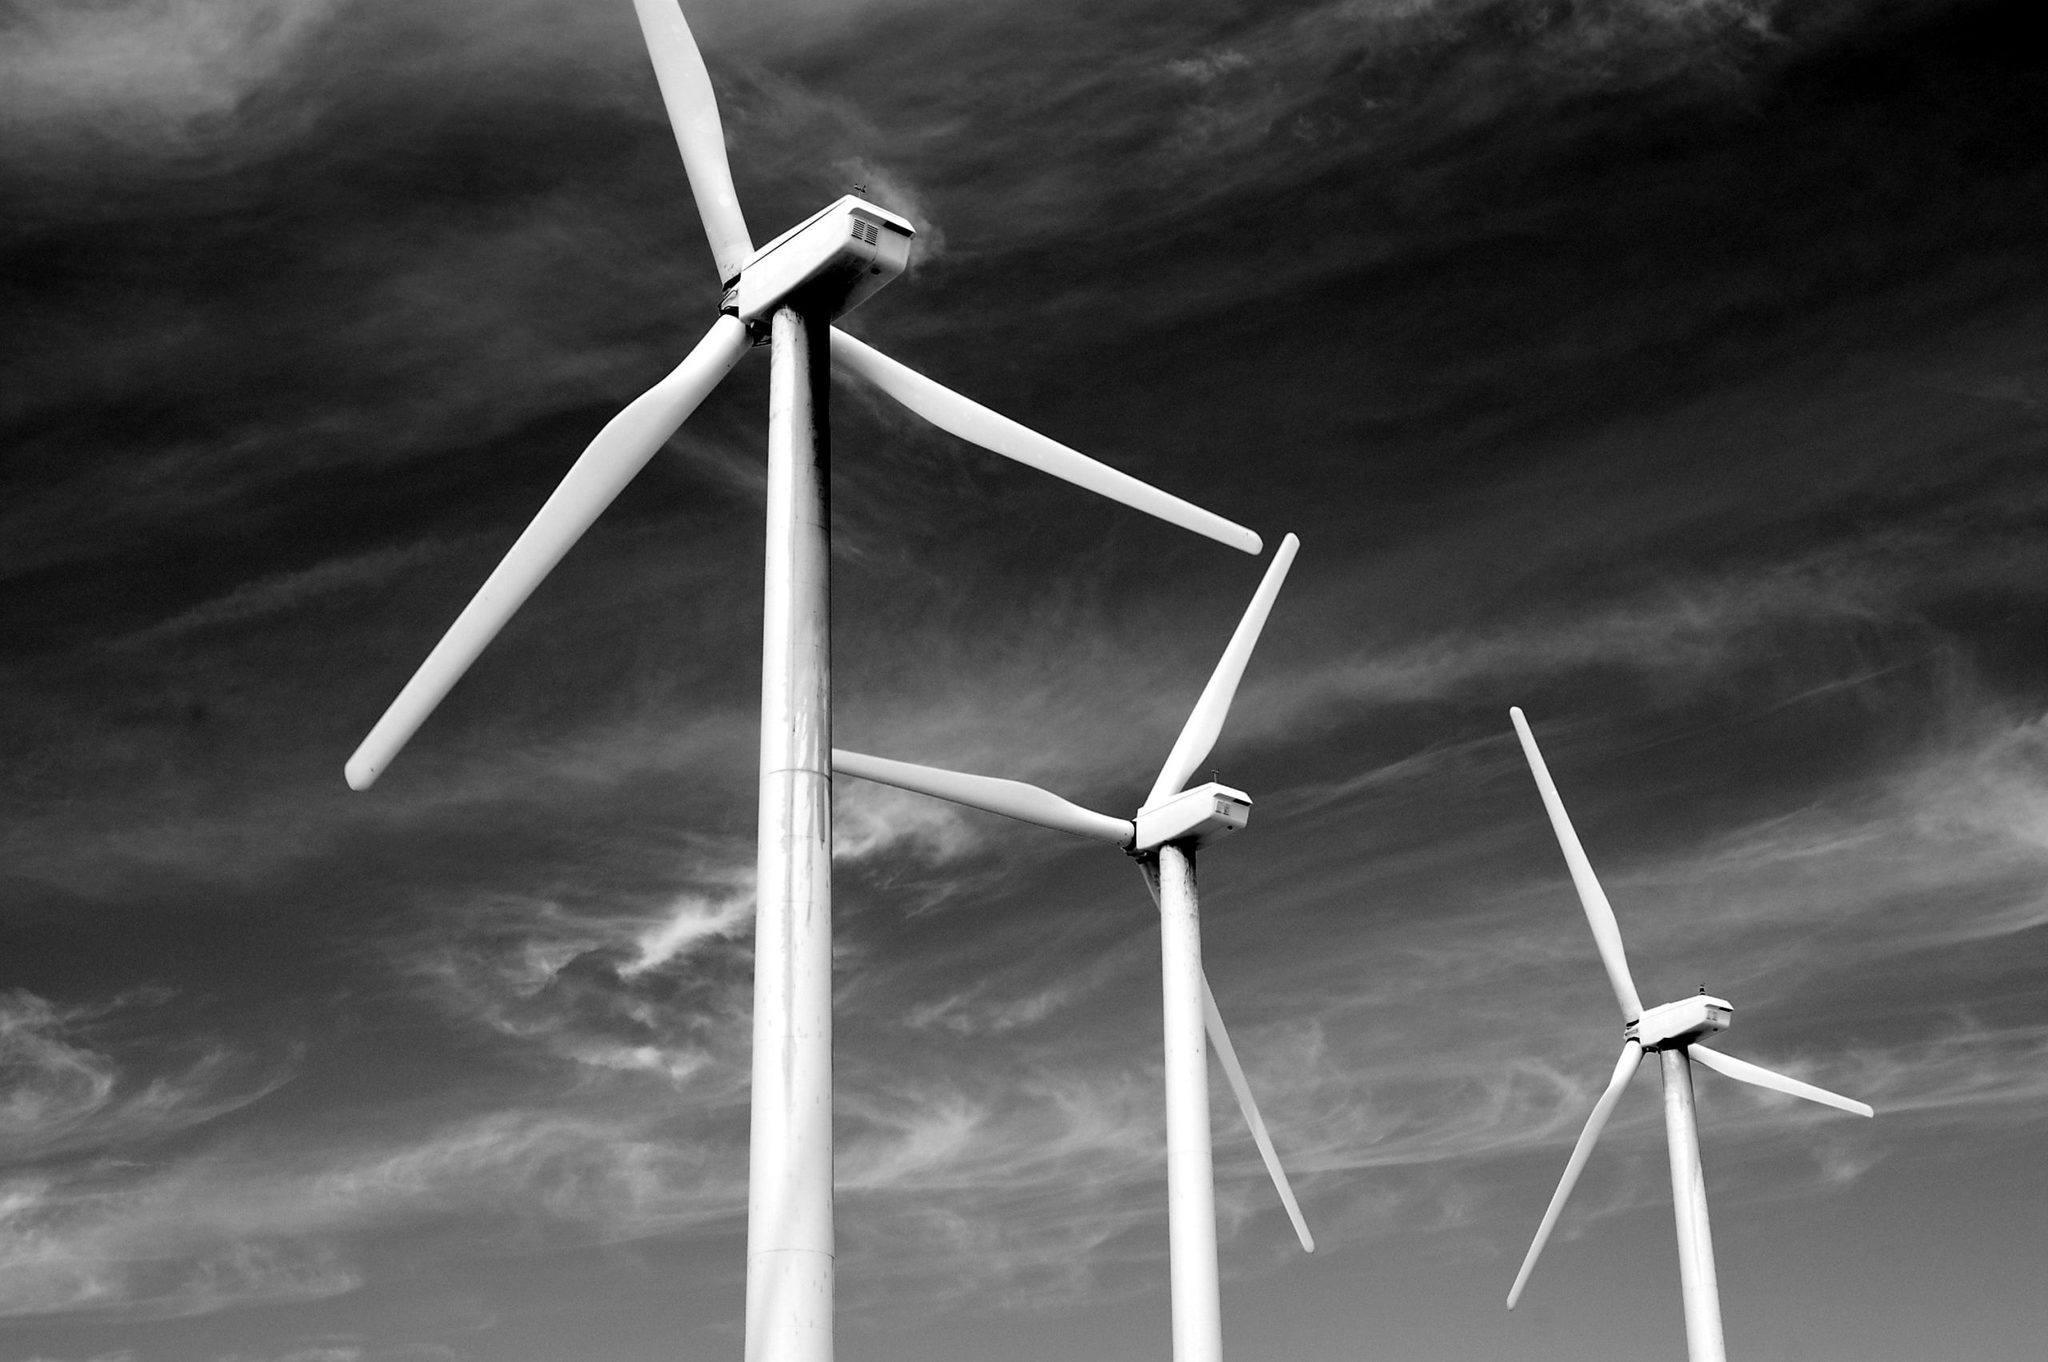 Wind Energy Renewable energy